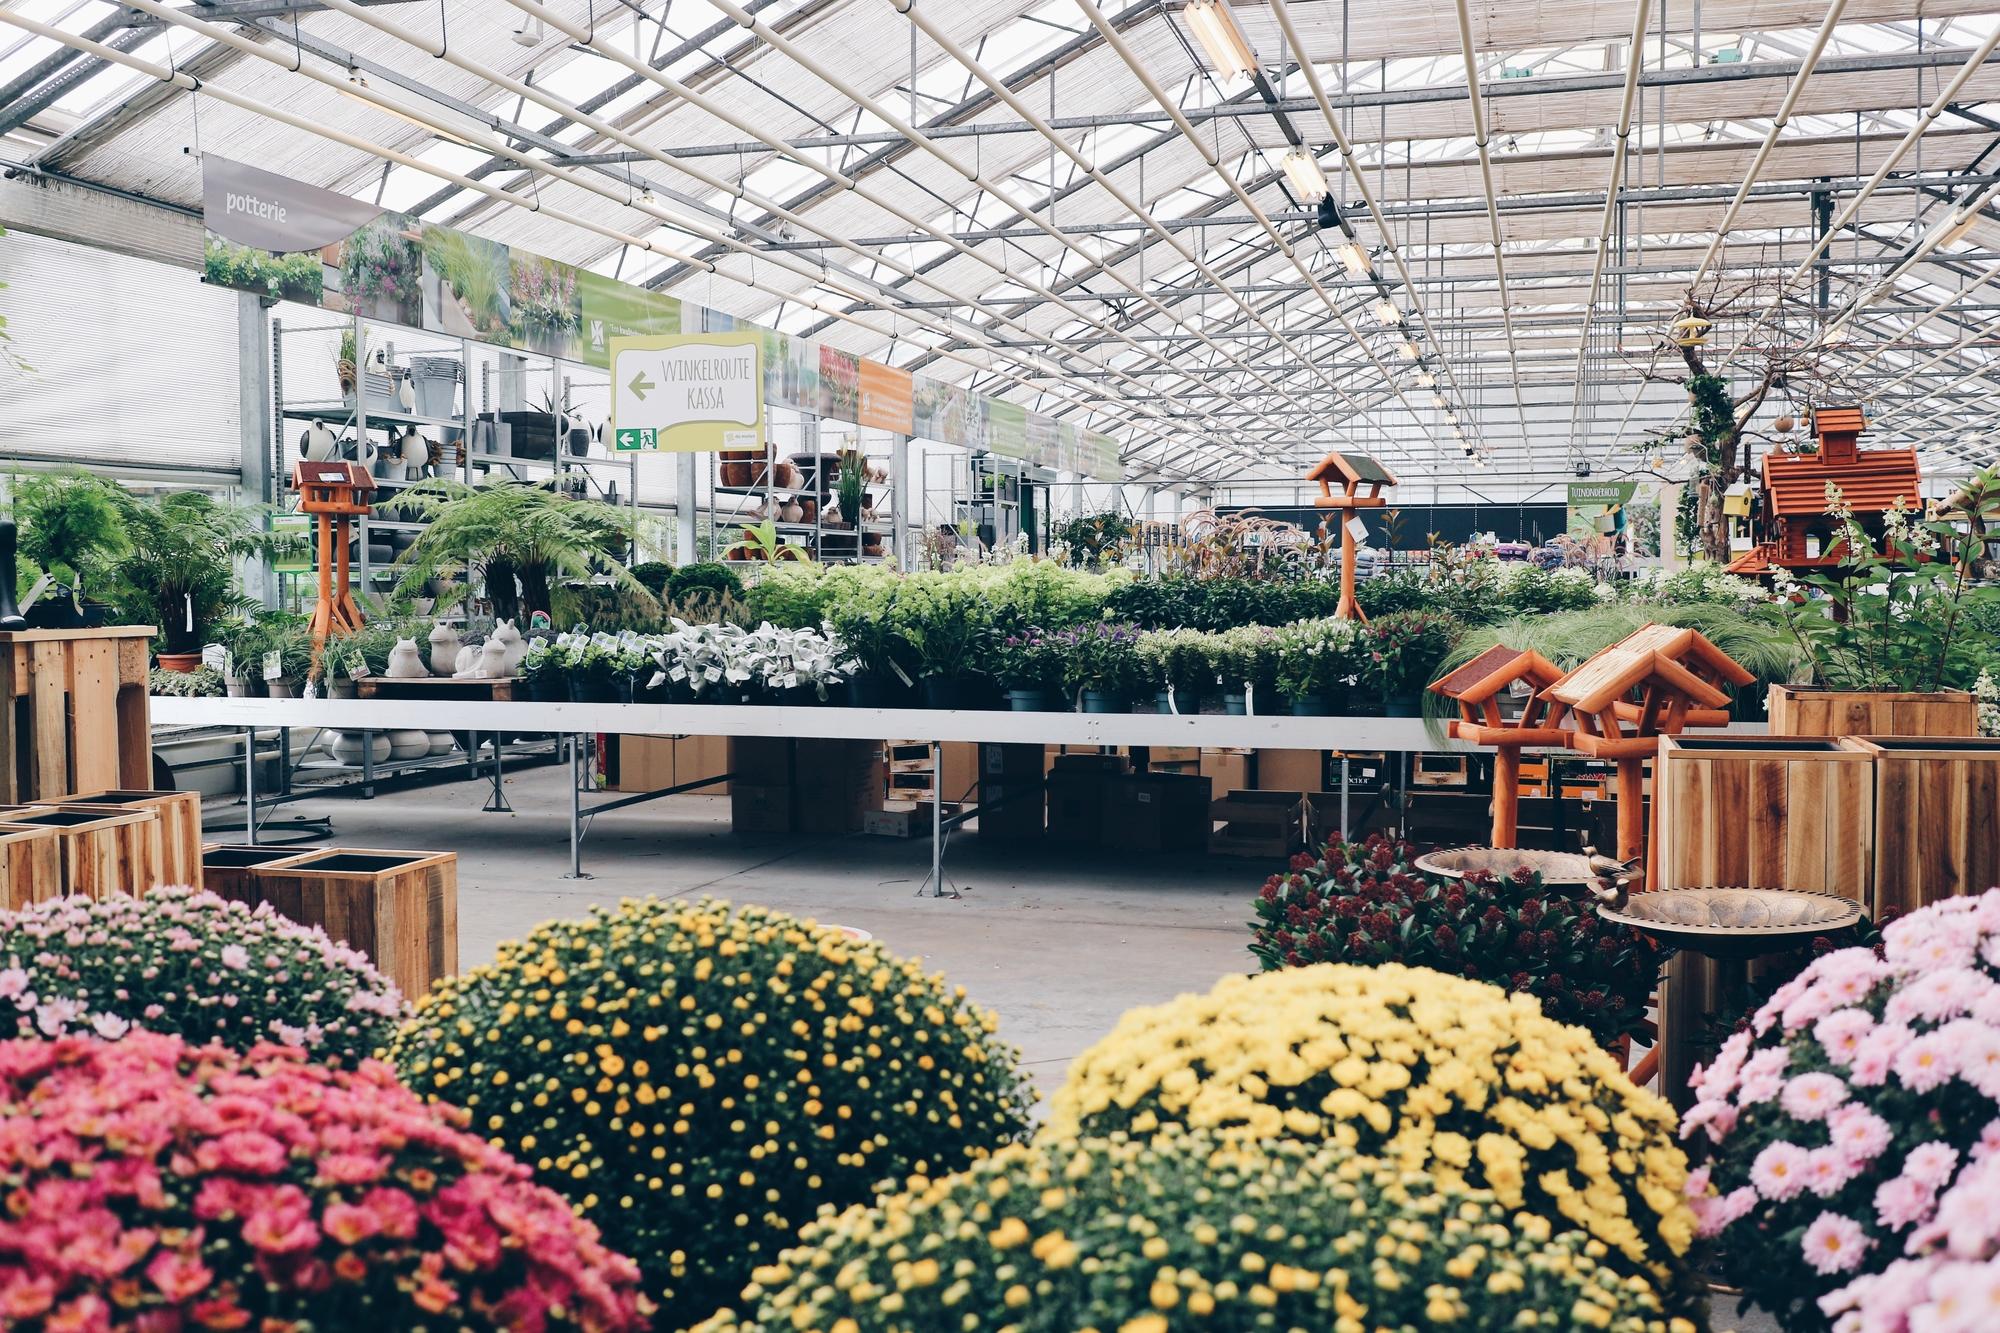 Uitgelezene Tuinplanten kopen - Tuincentrum De Molen RV-93